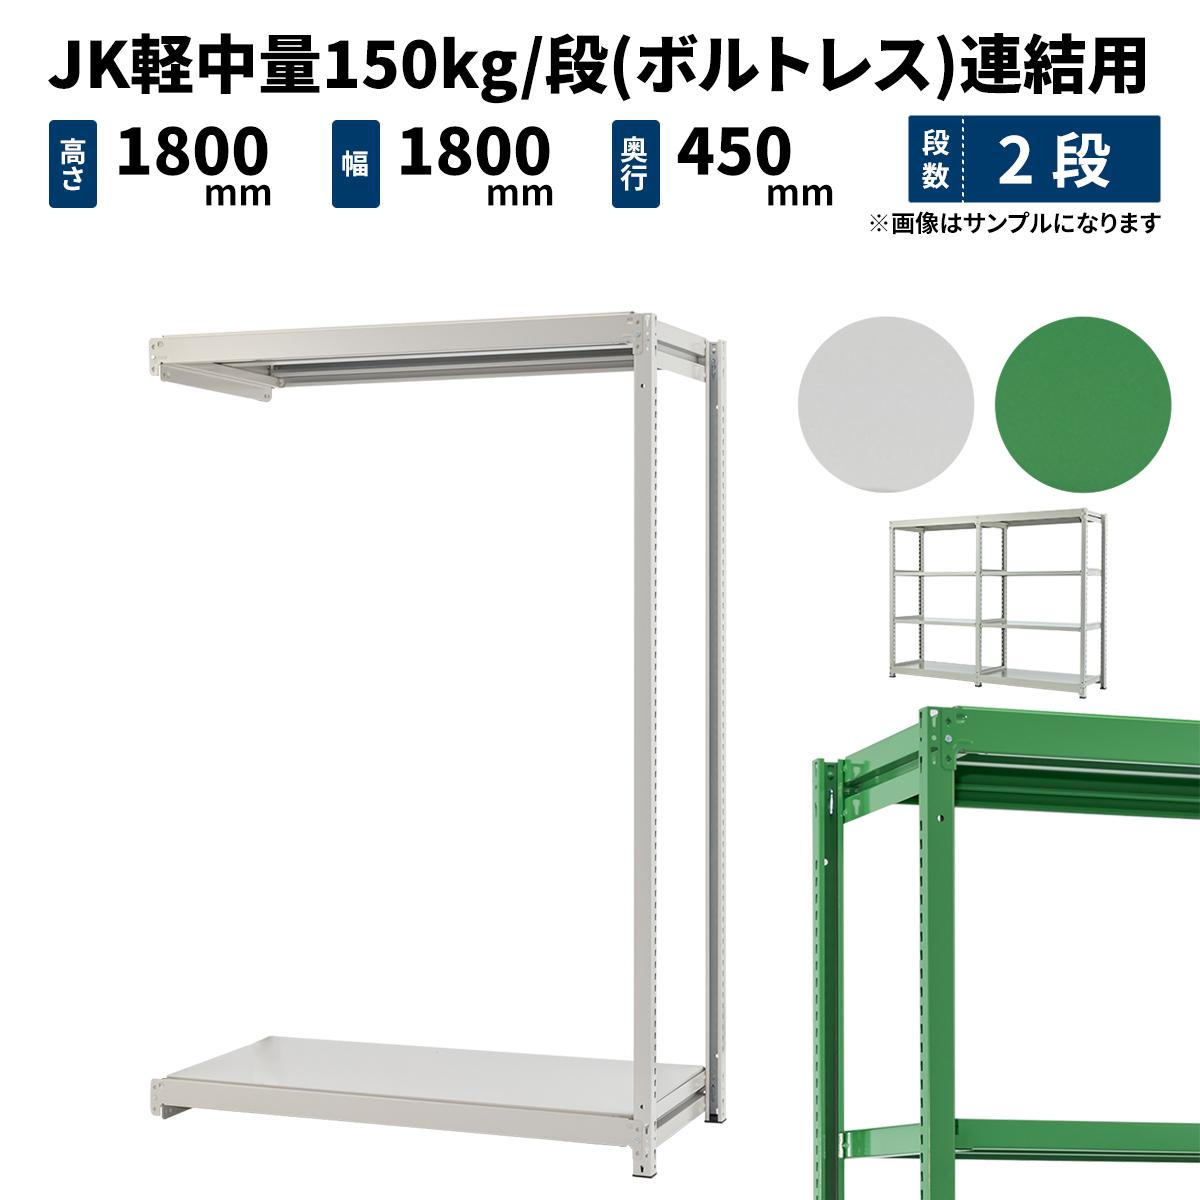 スチールラック 業務用 JK軽中量150kg/段(ボルトレス) 連結形式 高さ1800×幅1800×奥行450mm 2段 ホワイトグレー/グリーン (30kg) JK150_R-181845-2